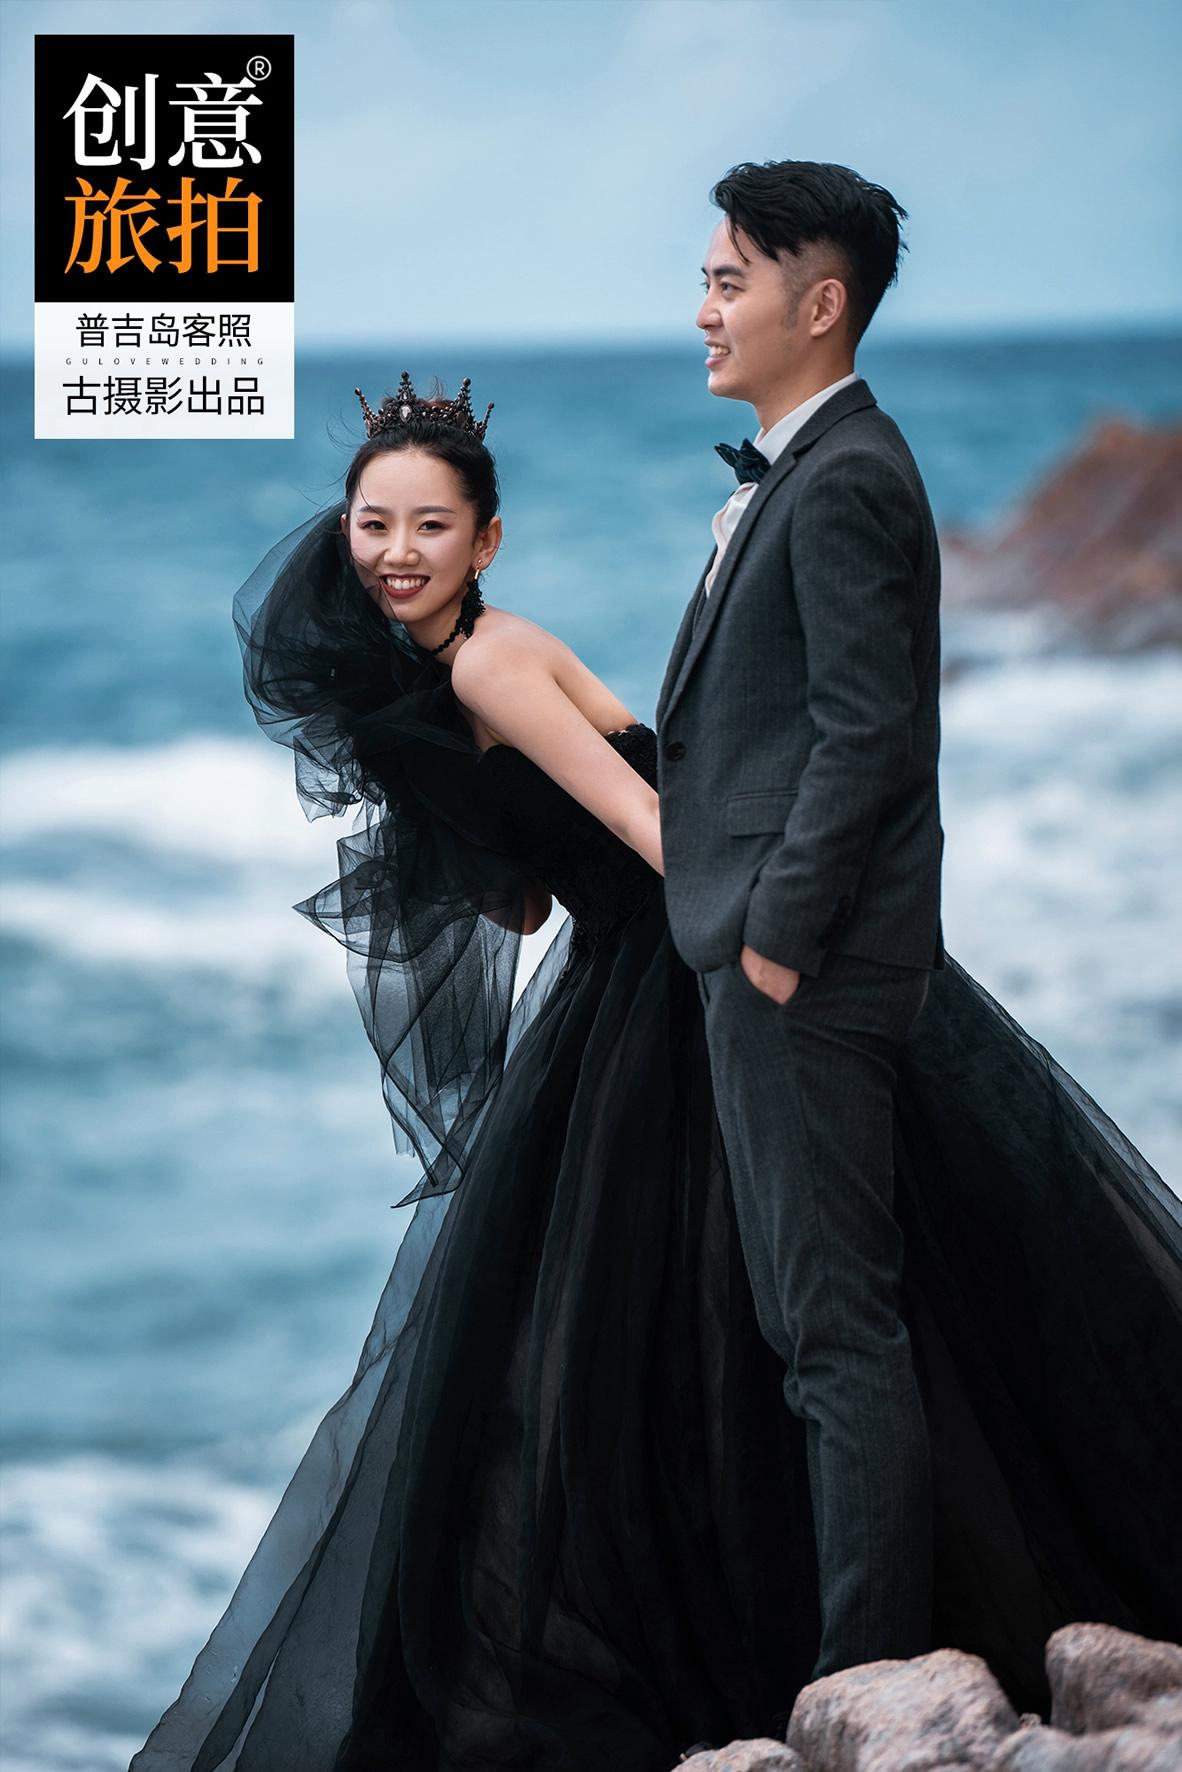 普吉岛客照 - 旅拍客照集合 - 古摄影婚纱艺术-古摄影成都婚纱摄影艺术摄影网